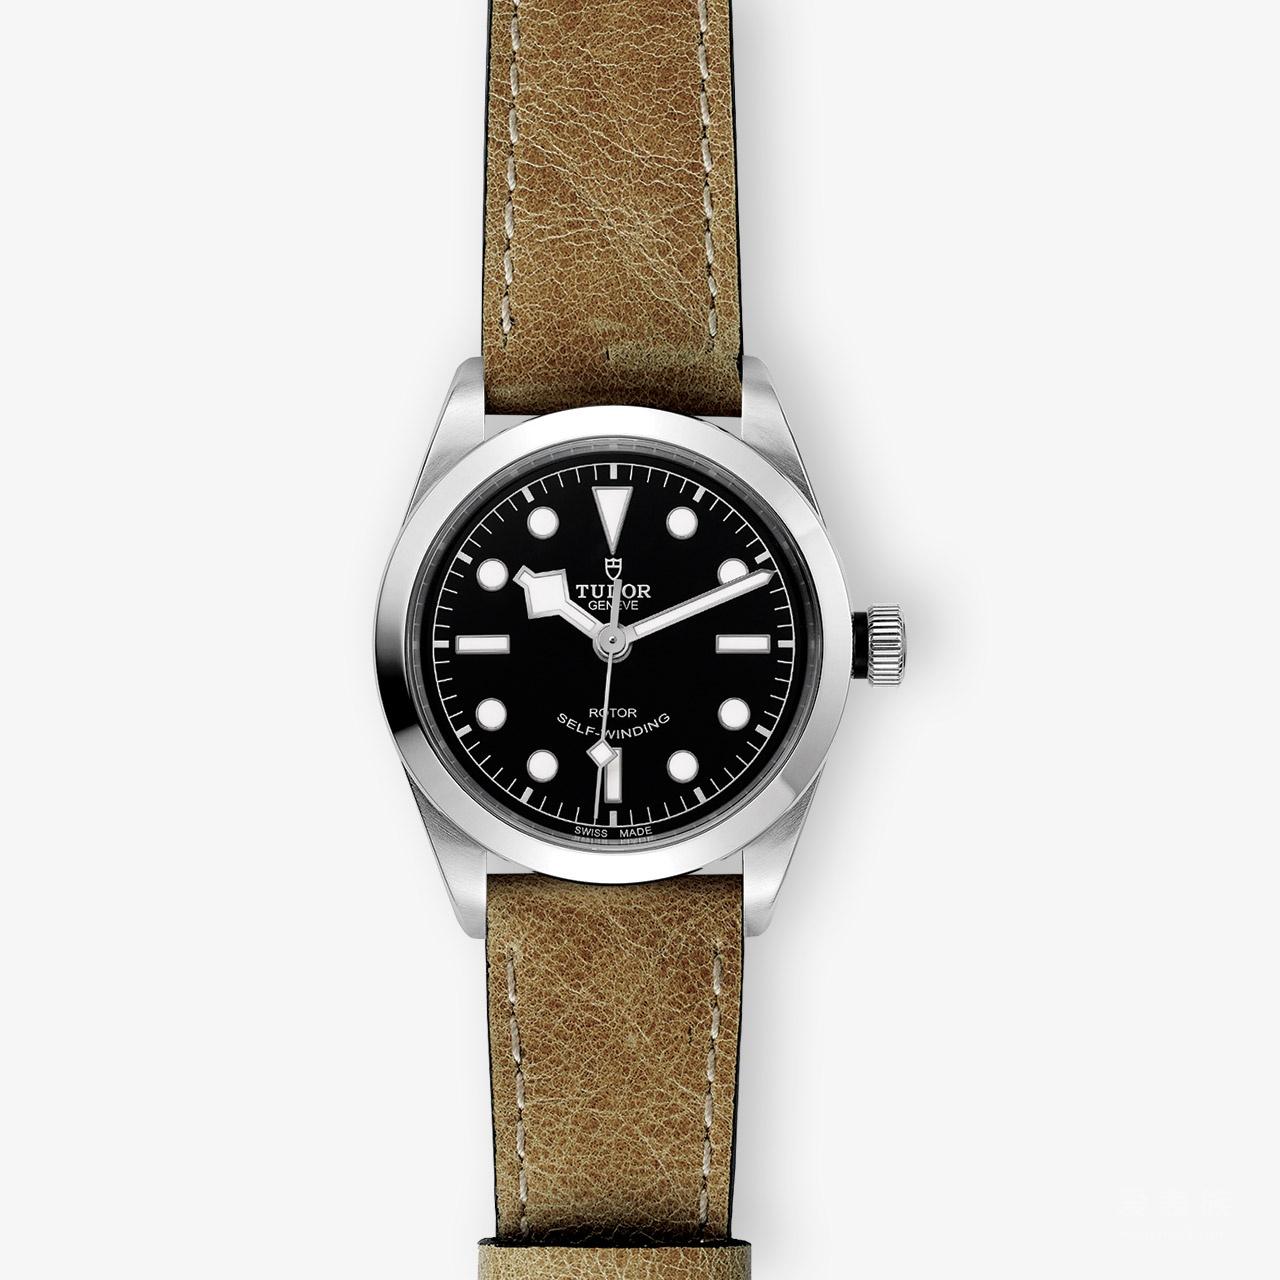 2016年帝舵新款腕表回顾,你最喜欢哪一只?